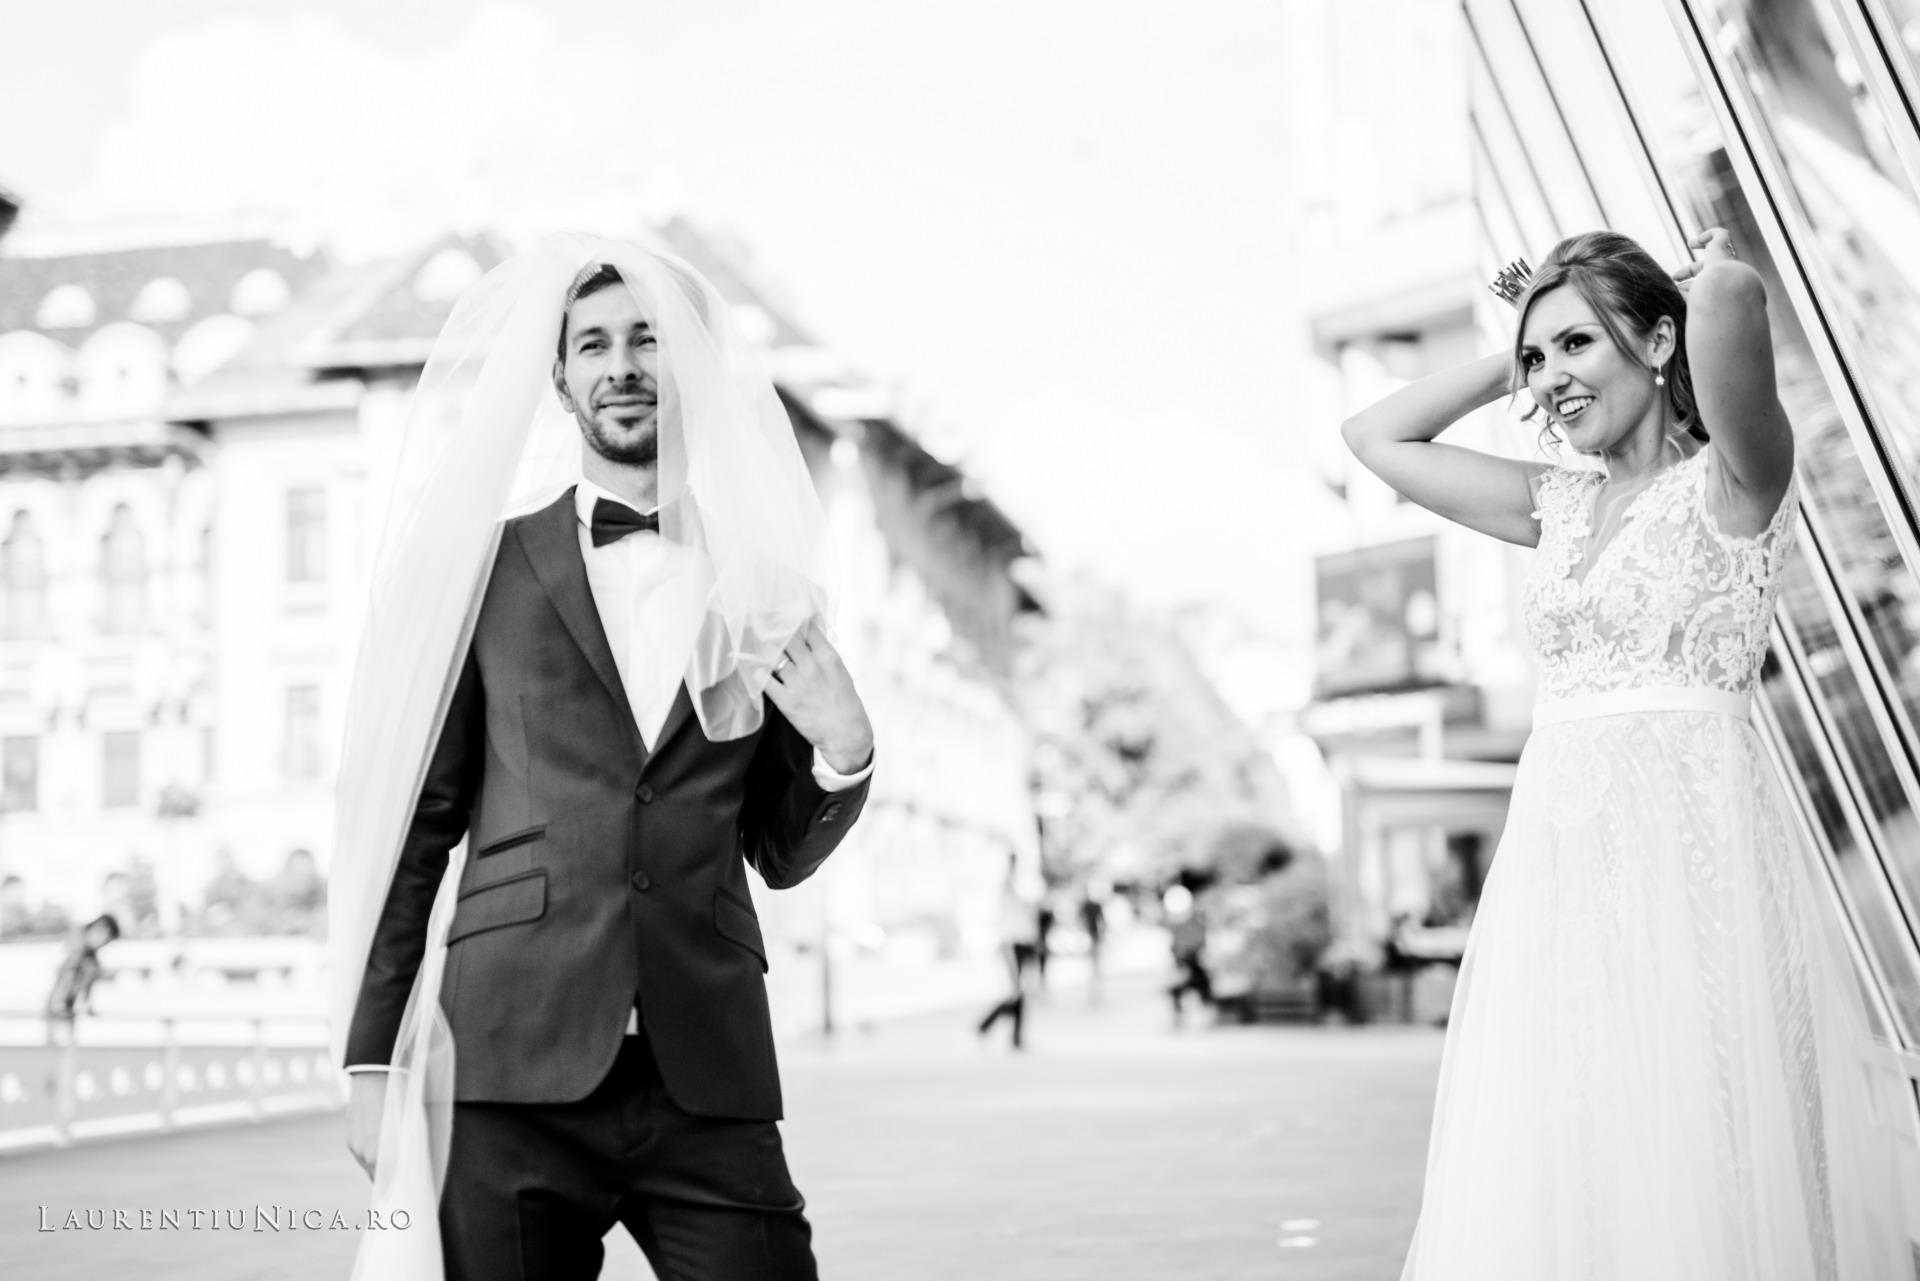 carolina si sorin craiova fotograf nunta laurentiu nica39 - Carolina & Sorin | Fotografii nunta